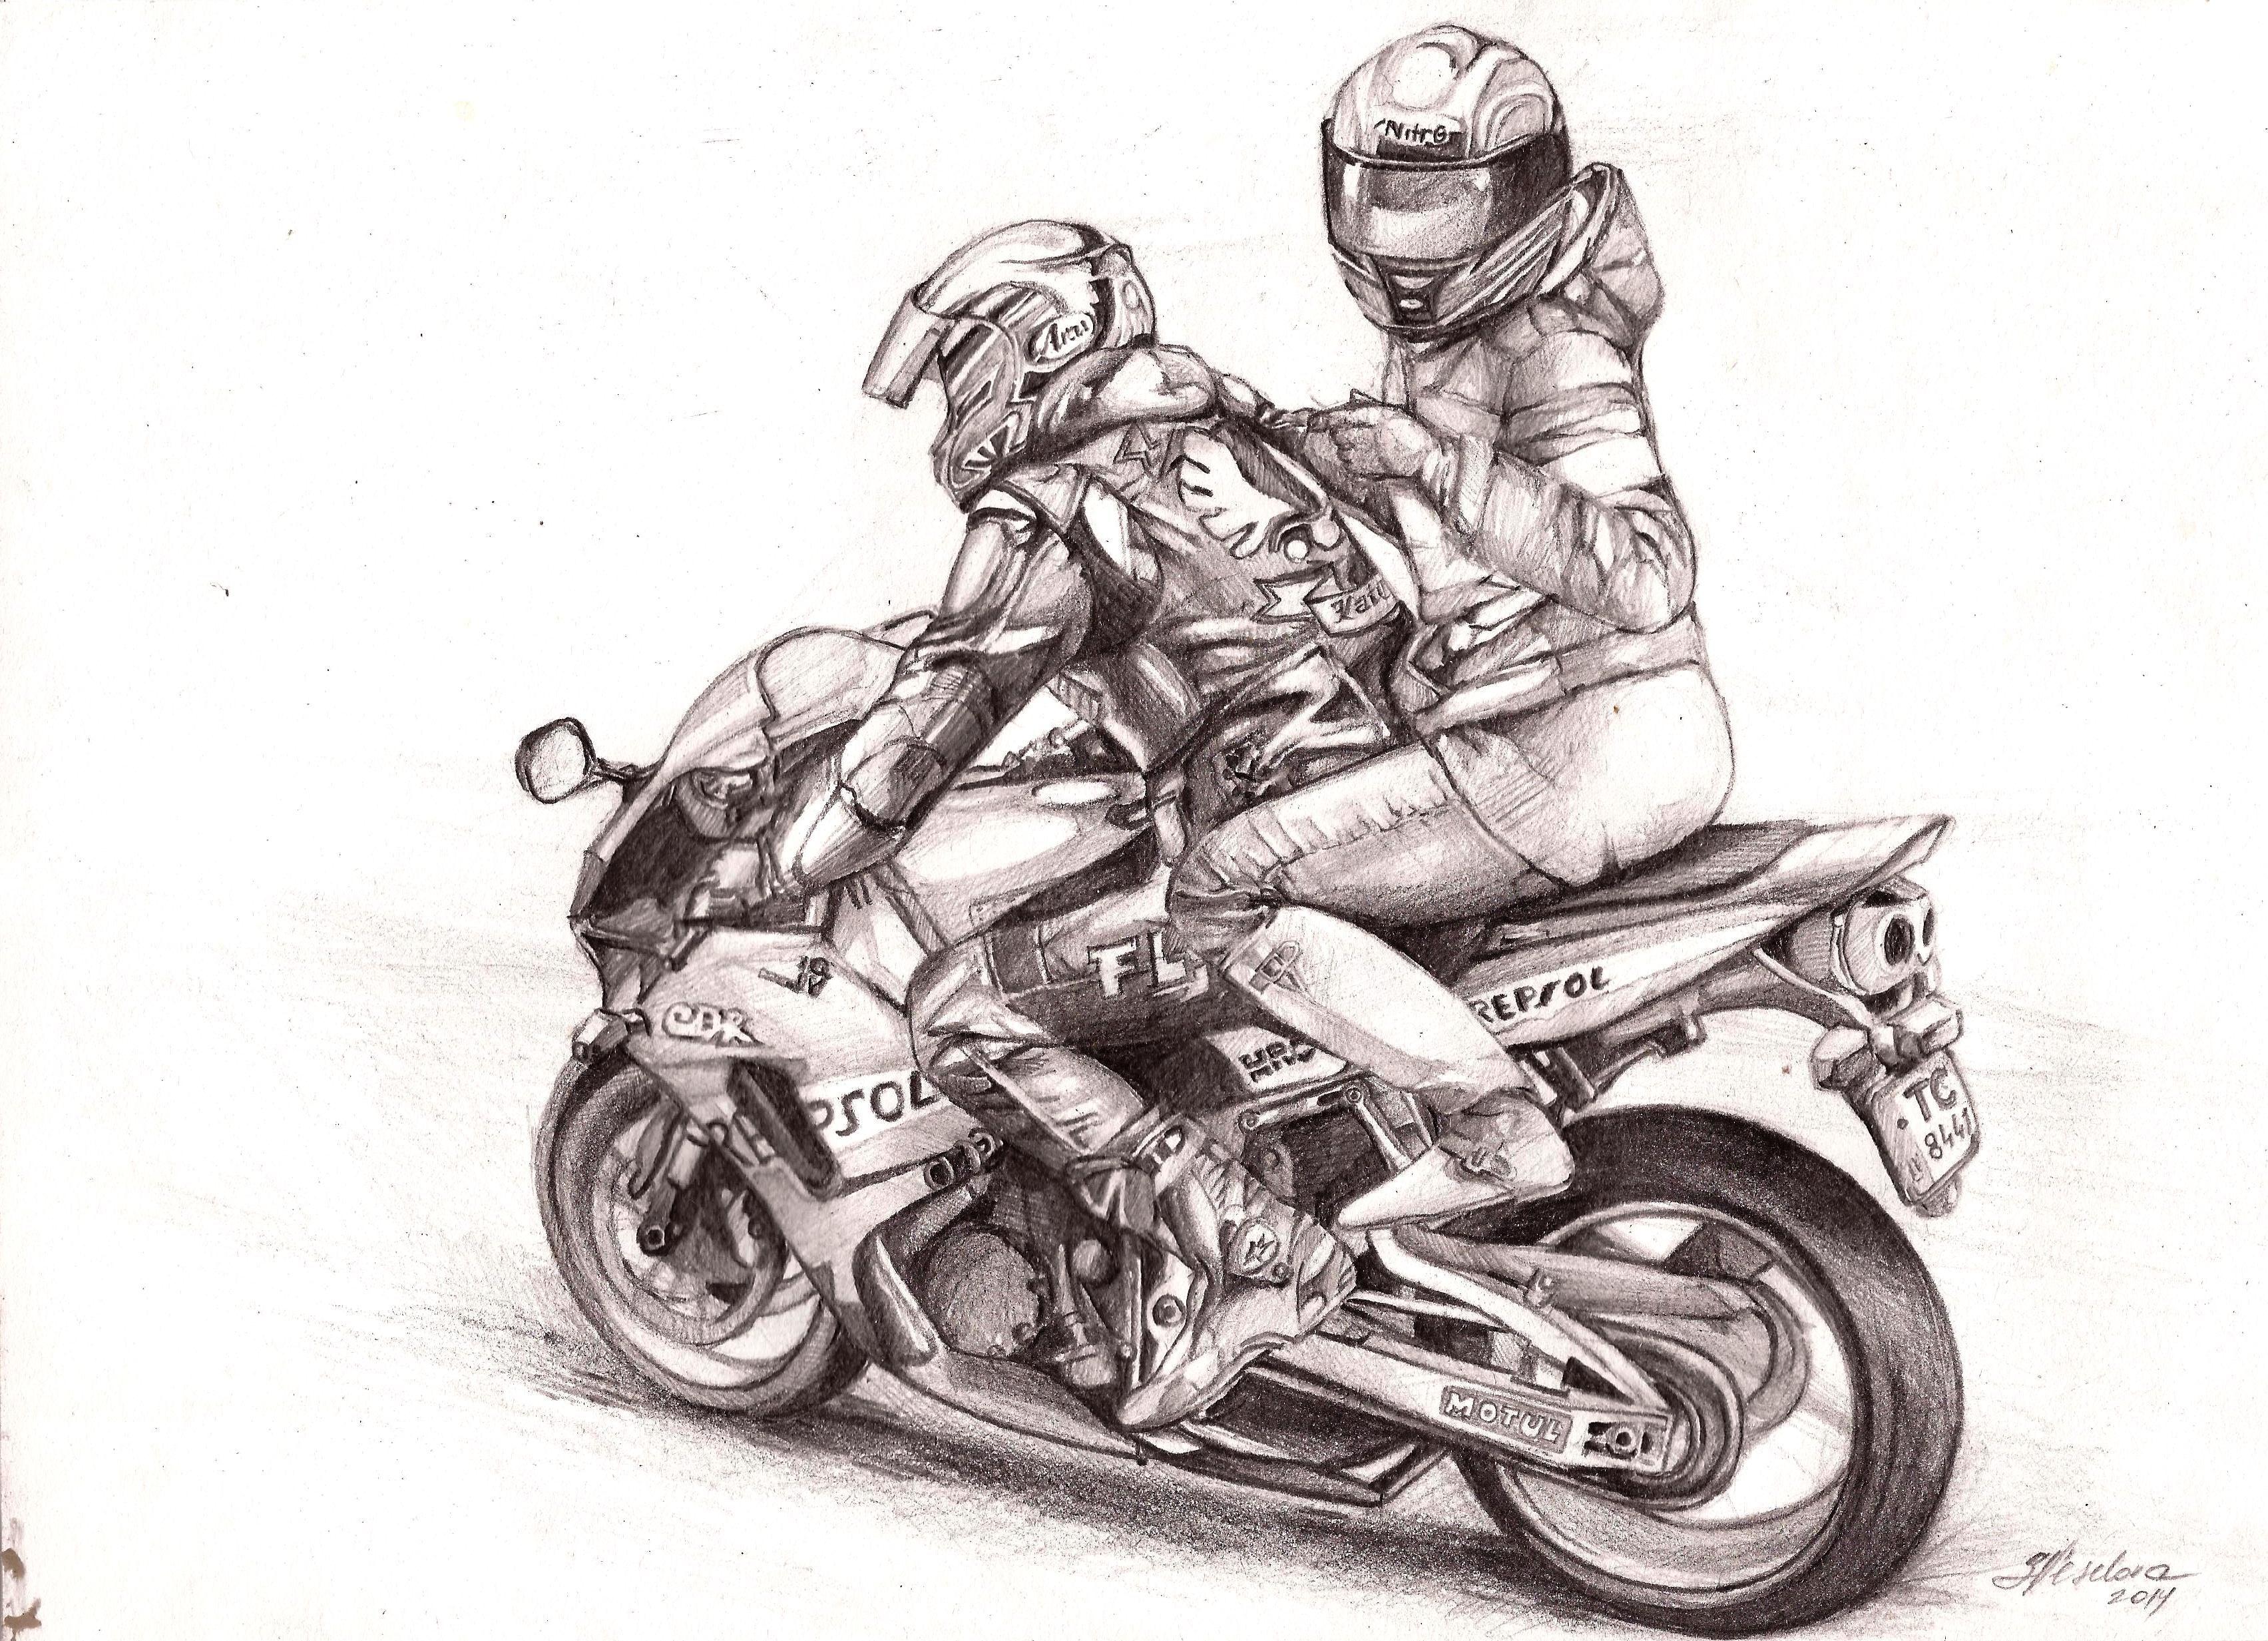 0658375c0b8 Imágenes De Motos, Motocicletas Yamaha, Carros Y Motos, Motocicleta